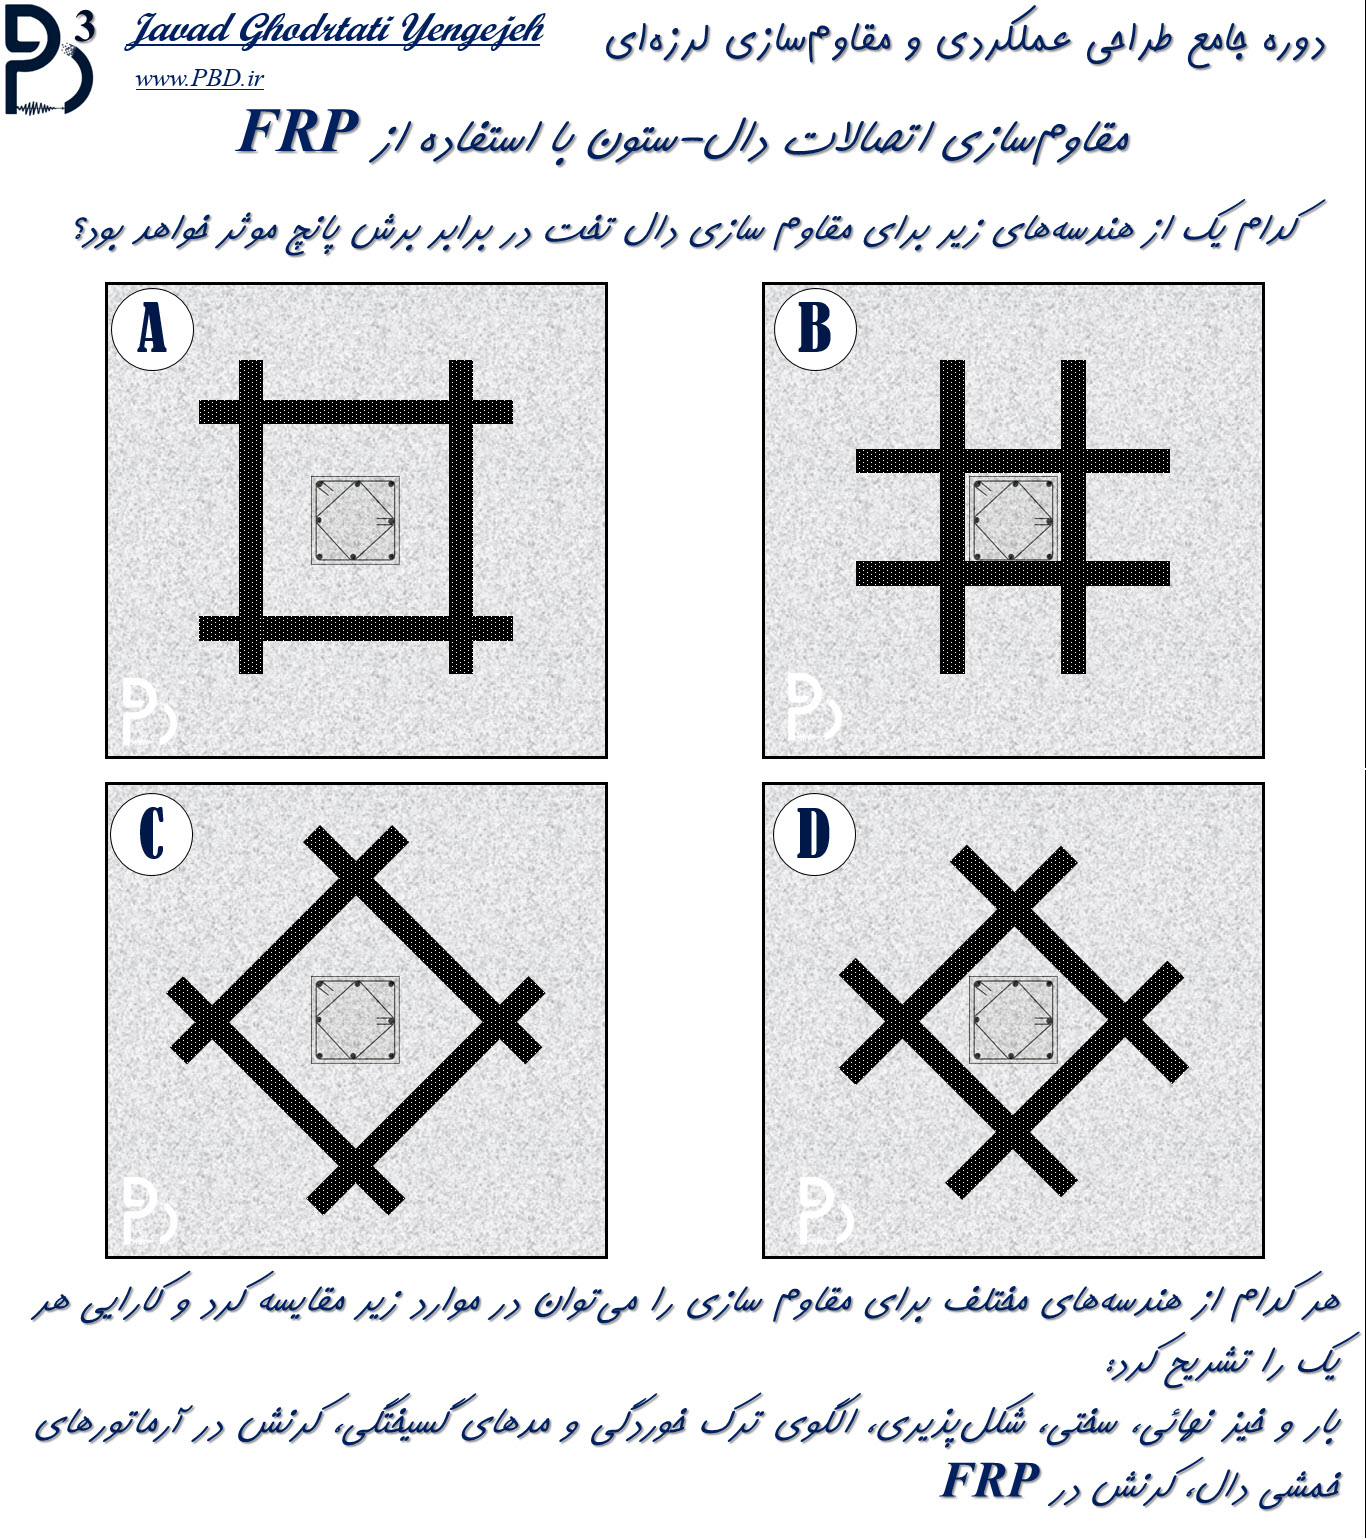 کدام یک از هندسههای زیر برای مقاوم سازی دال تخت در برابر برش پانچ موثر خواهد بود؟